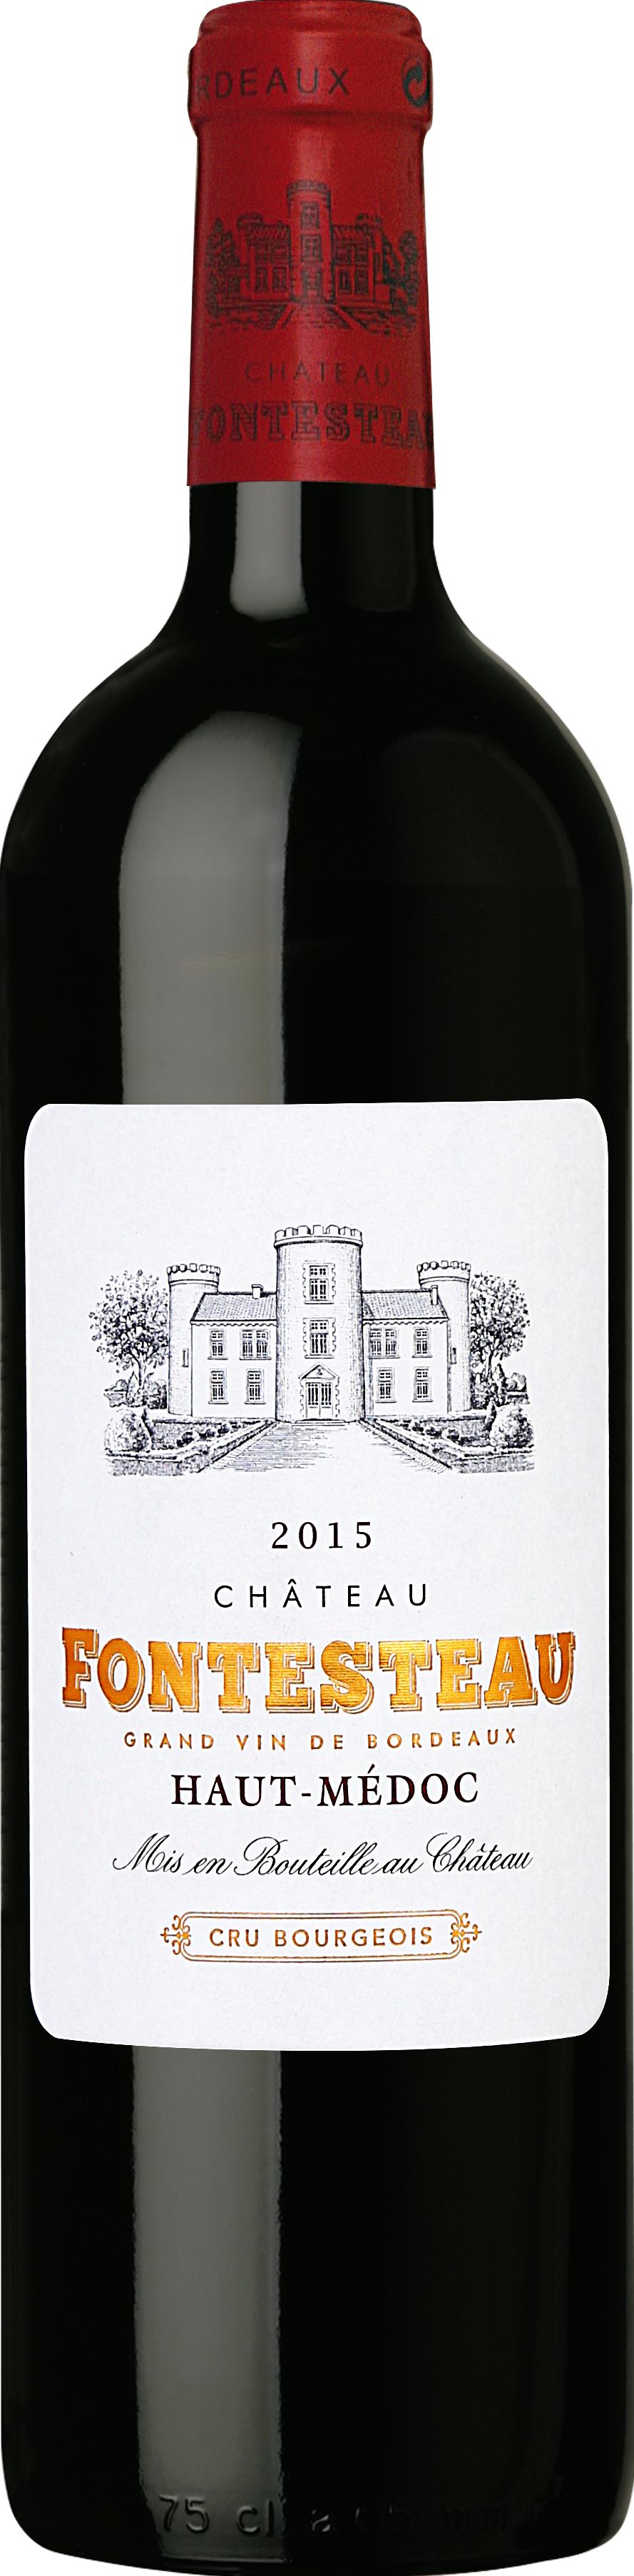 1998 Château Fontesteau, Cru Bourgeois, Haut-Médoc AOC